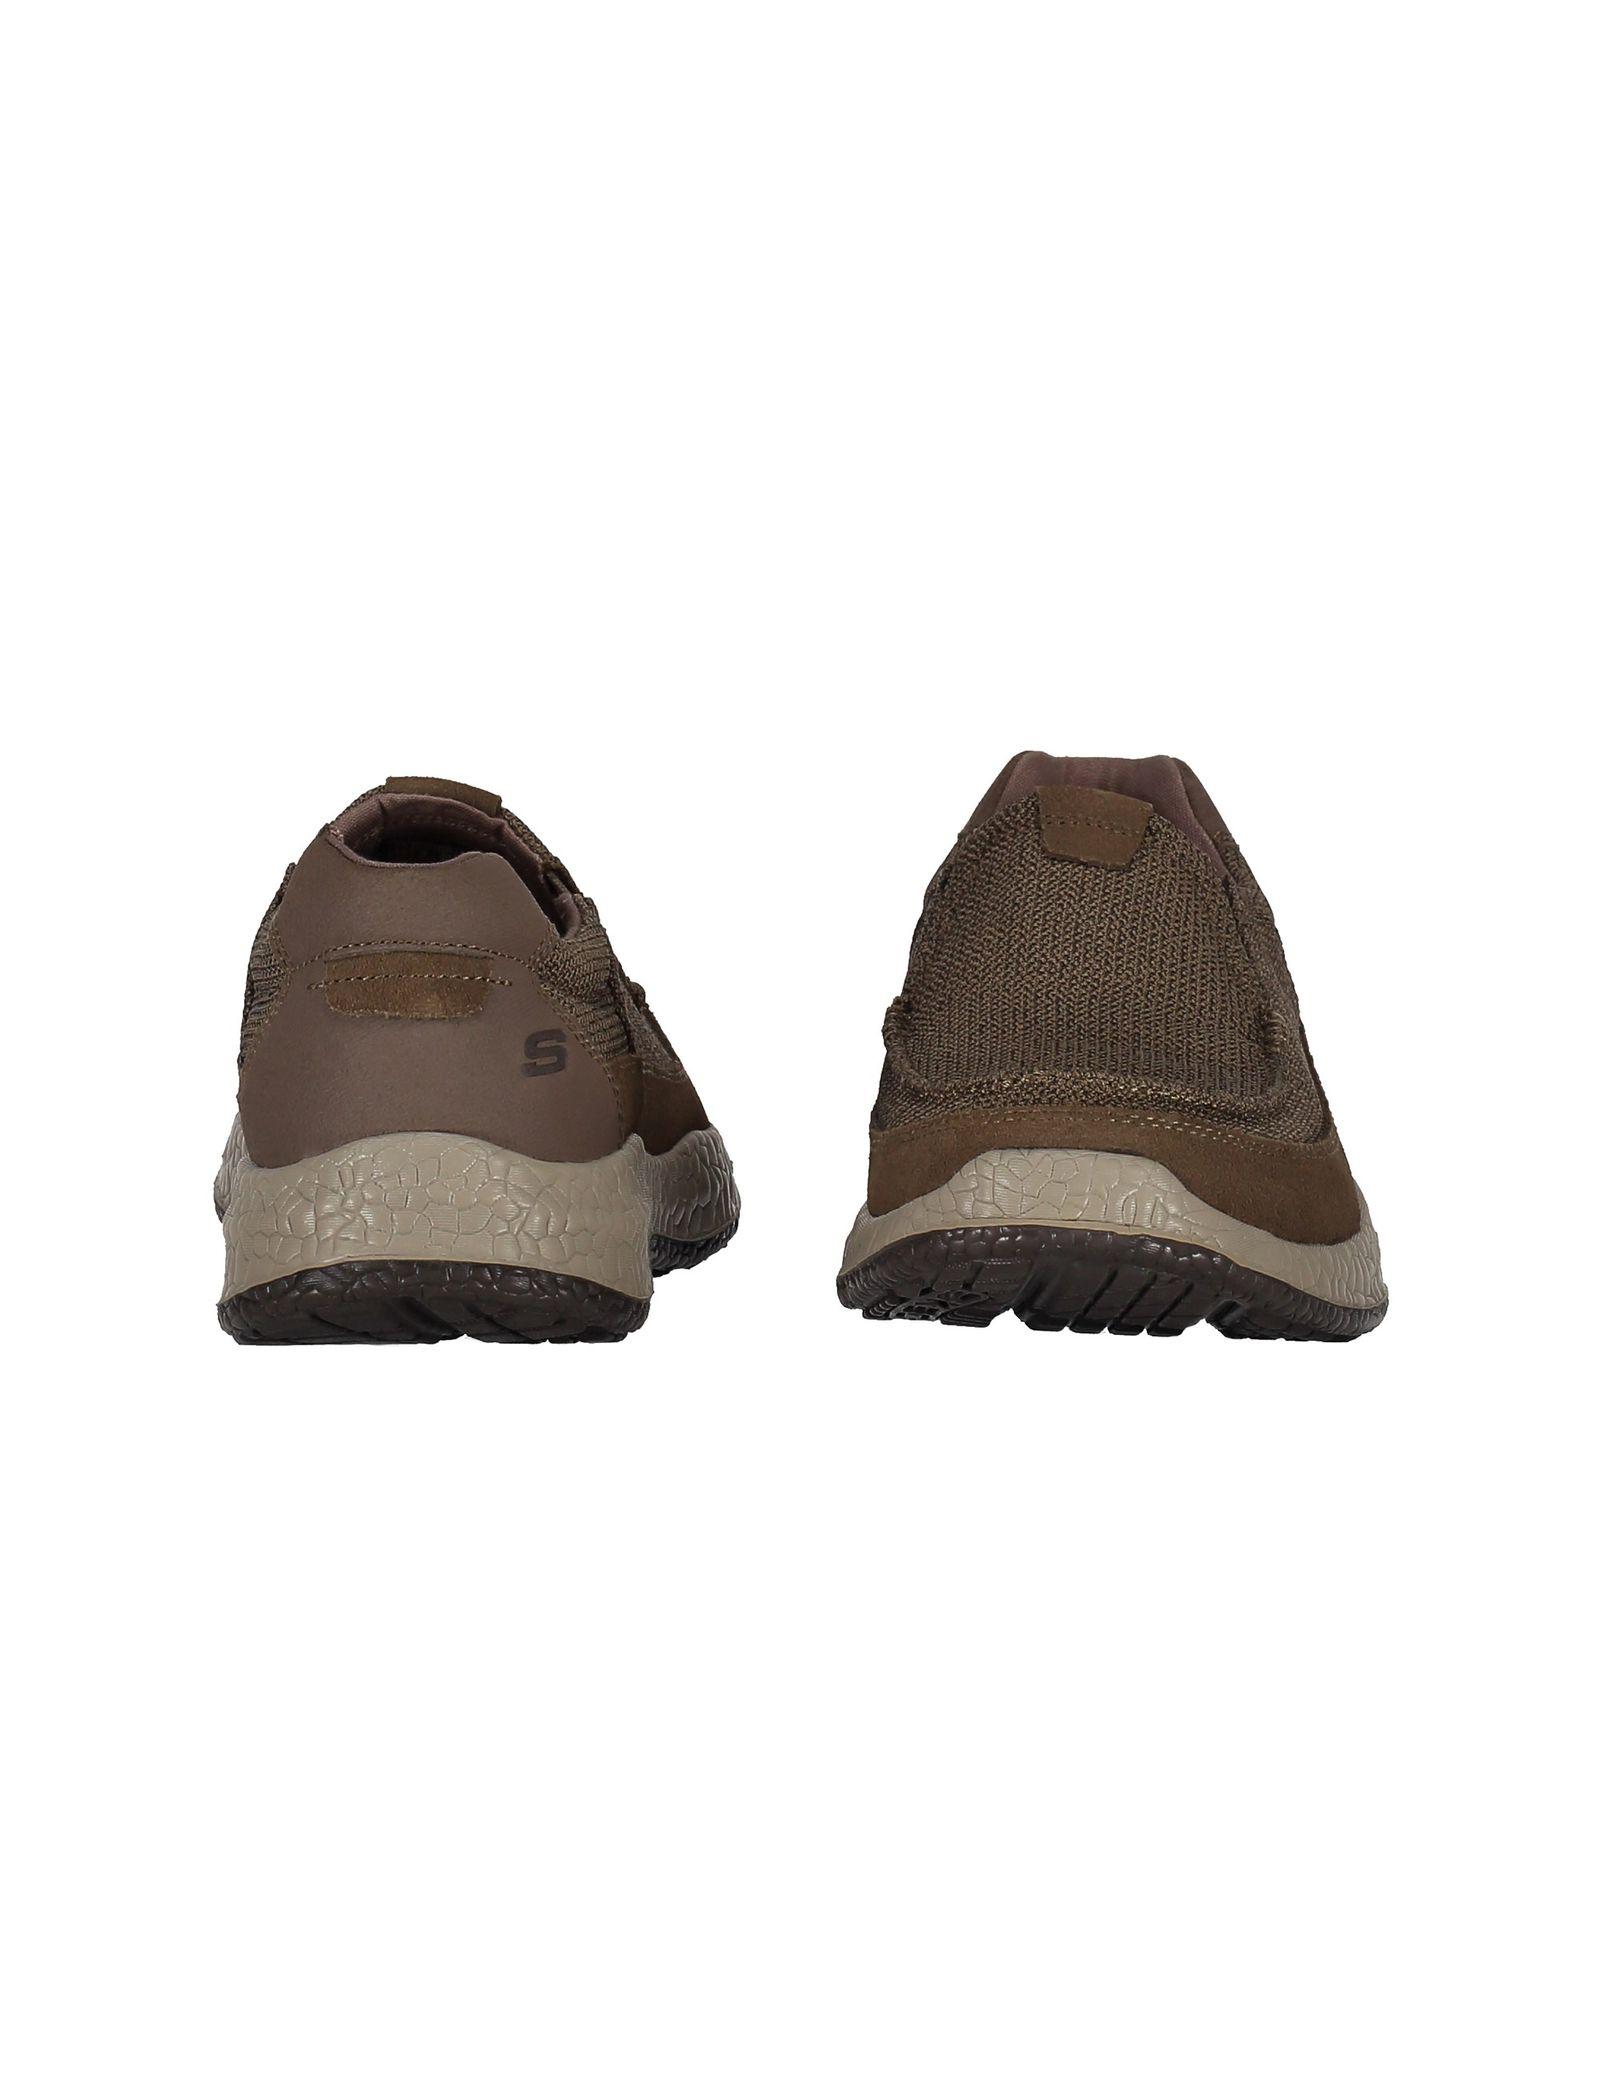 کفش راحتی پارچه ای مردانه Bursen Kinto - اسکچرز - قهوه اي روشن - 4